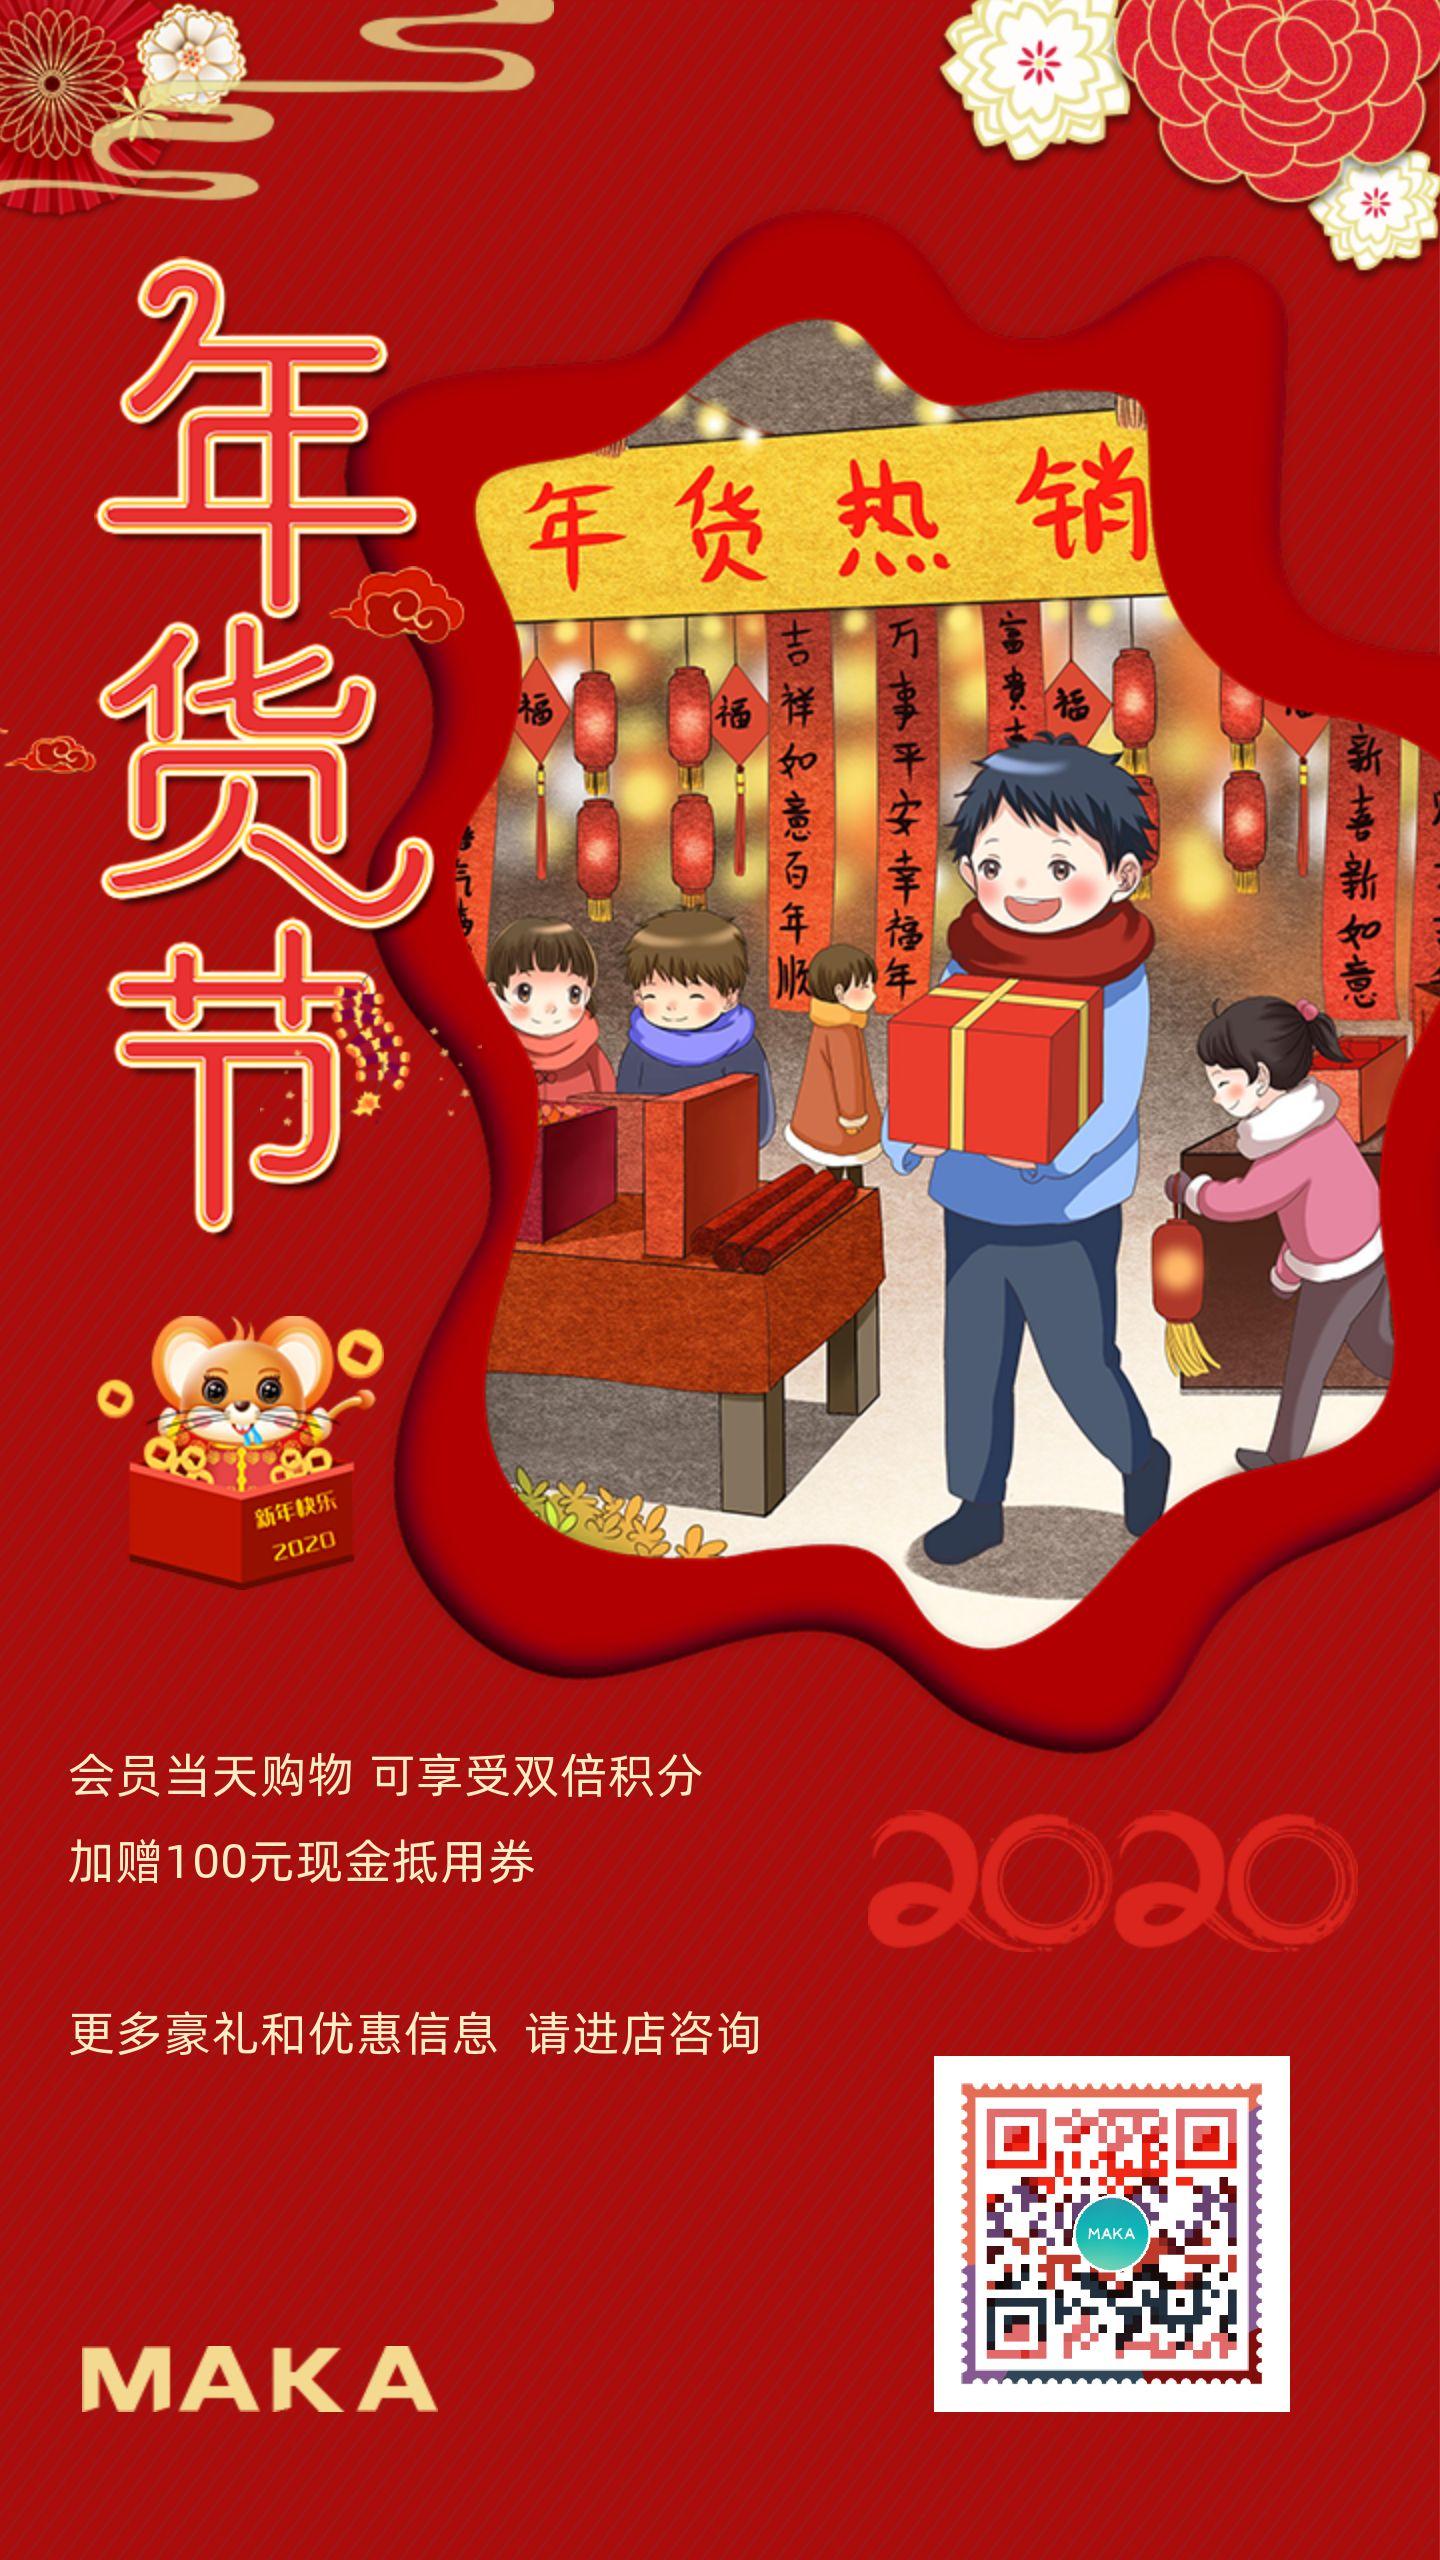 红色剪纸风年货节新年海报